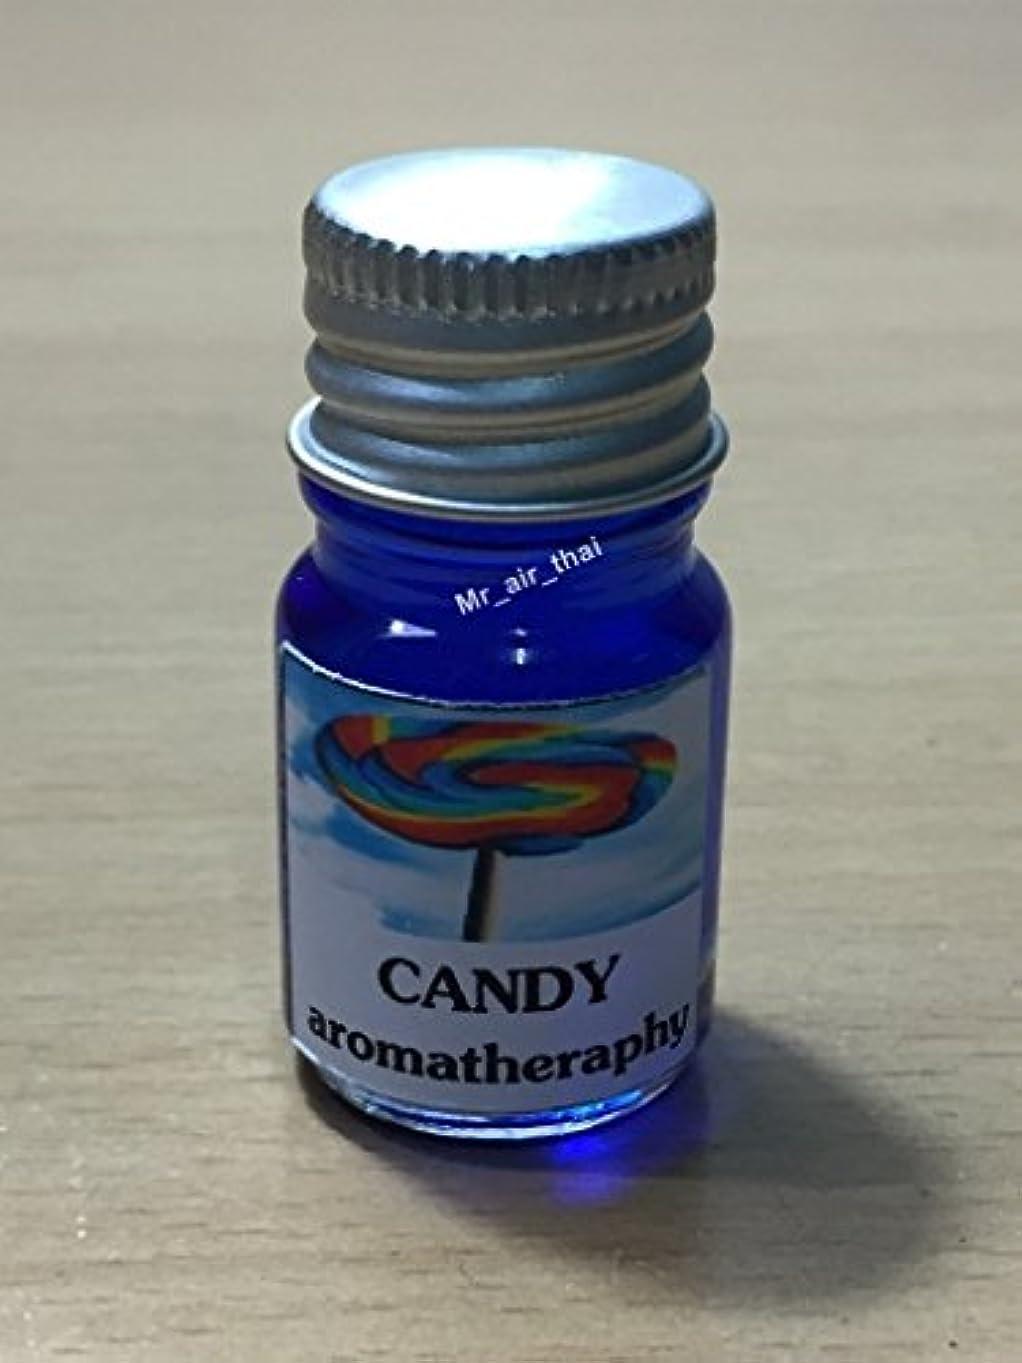 リベラルシールアパル5ミリリットルアロマキャンディーフランクインセンスエッセンシャルオイルボトルアロマテラピーオイル自然自然5ml Aroma Candy Frankincense Essential Oil Bottles Aromatherapy...